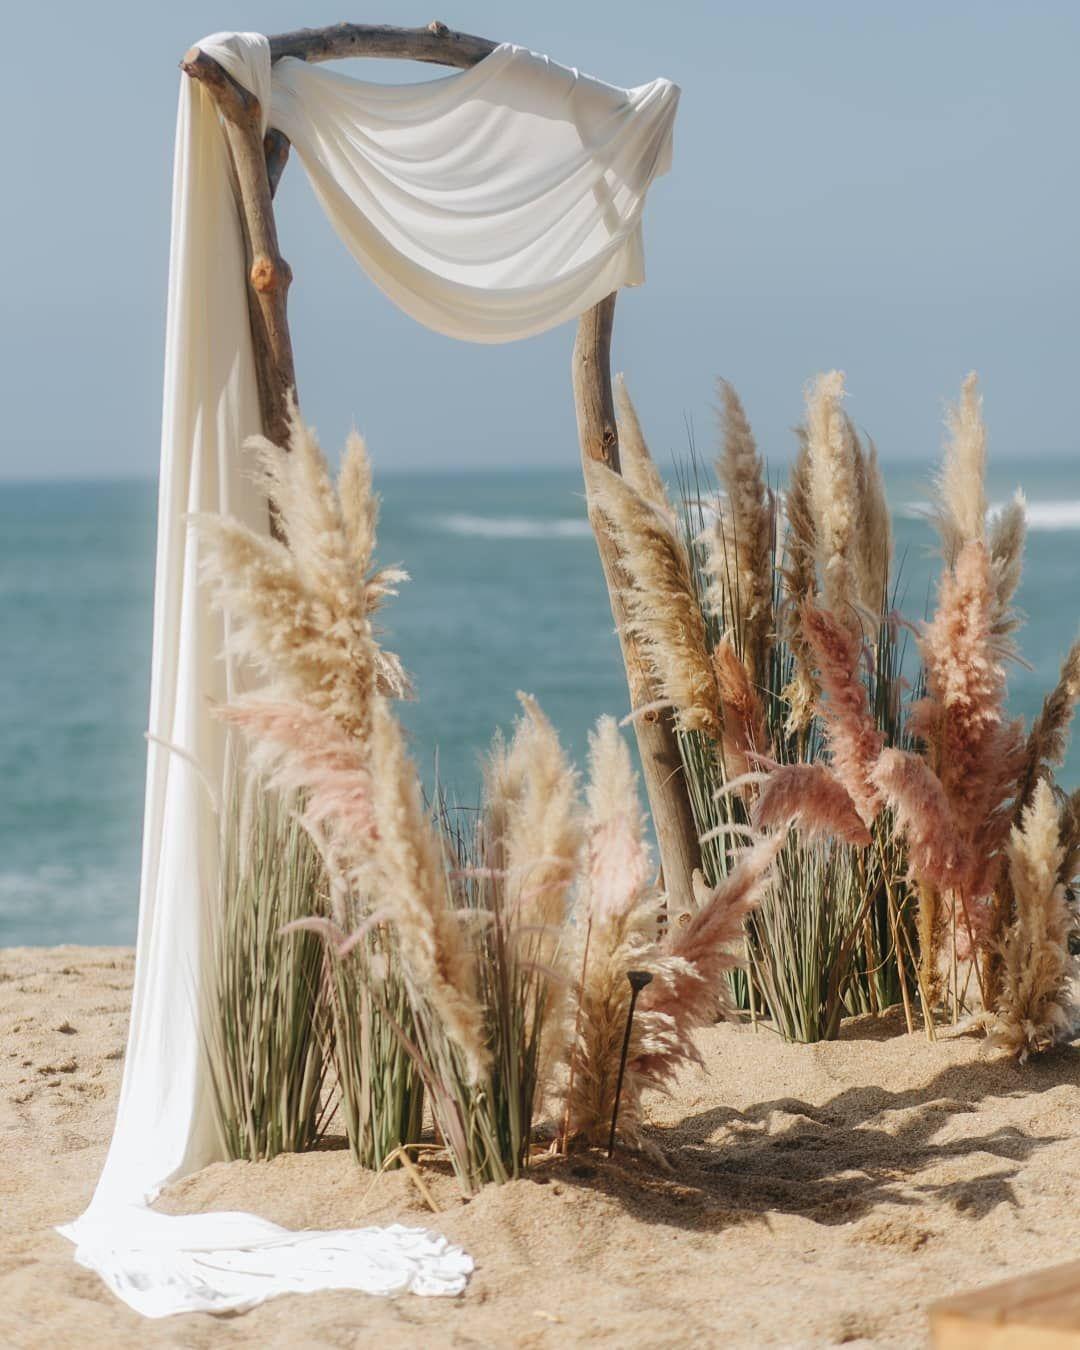 Pin By Decorelle.eu On Decorelle Wedding Flowers In 2019